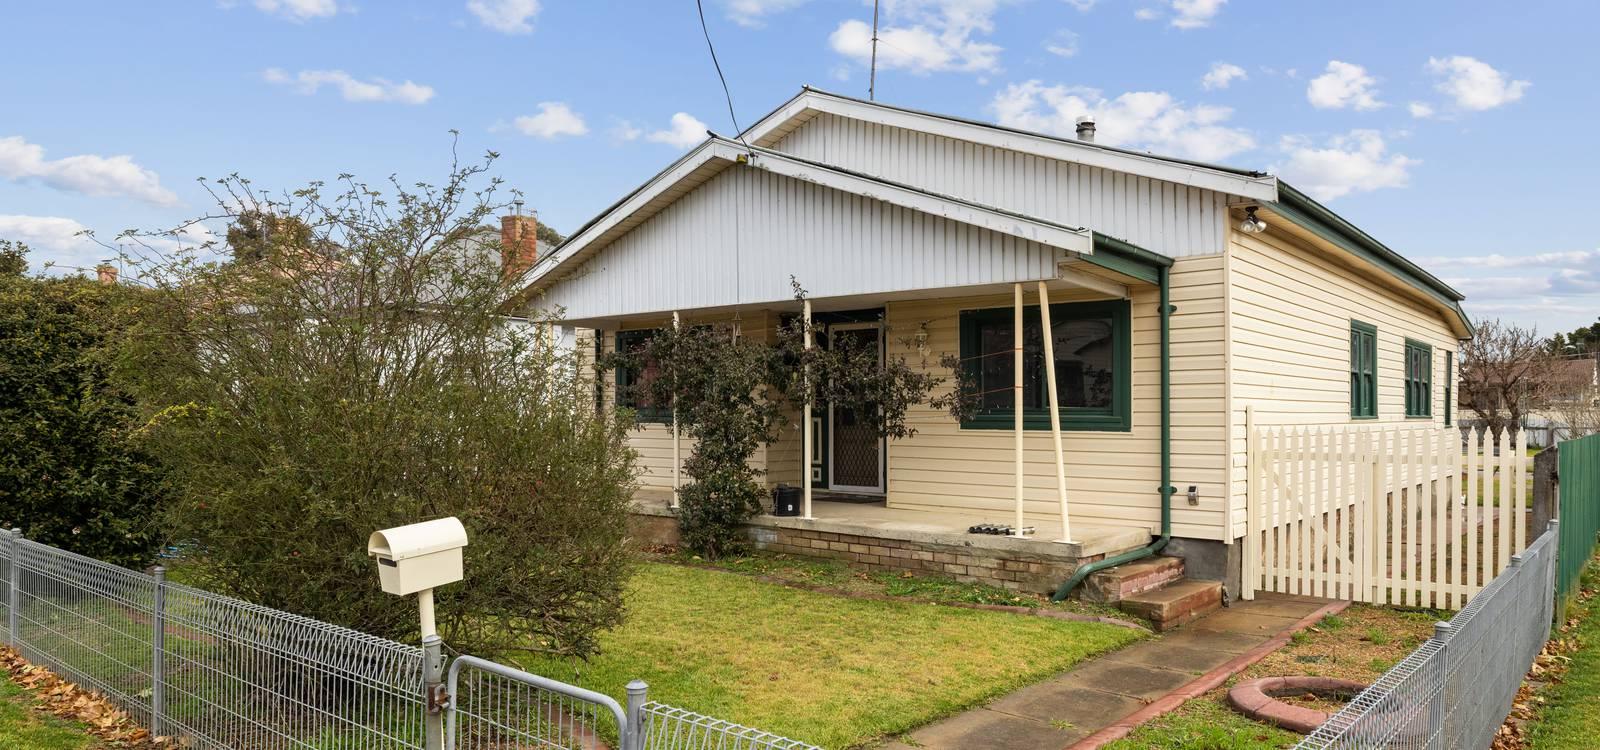 26 Bellevue Street GOULBURN, NSW 2580 - photo 1